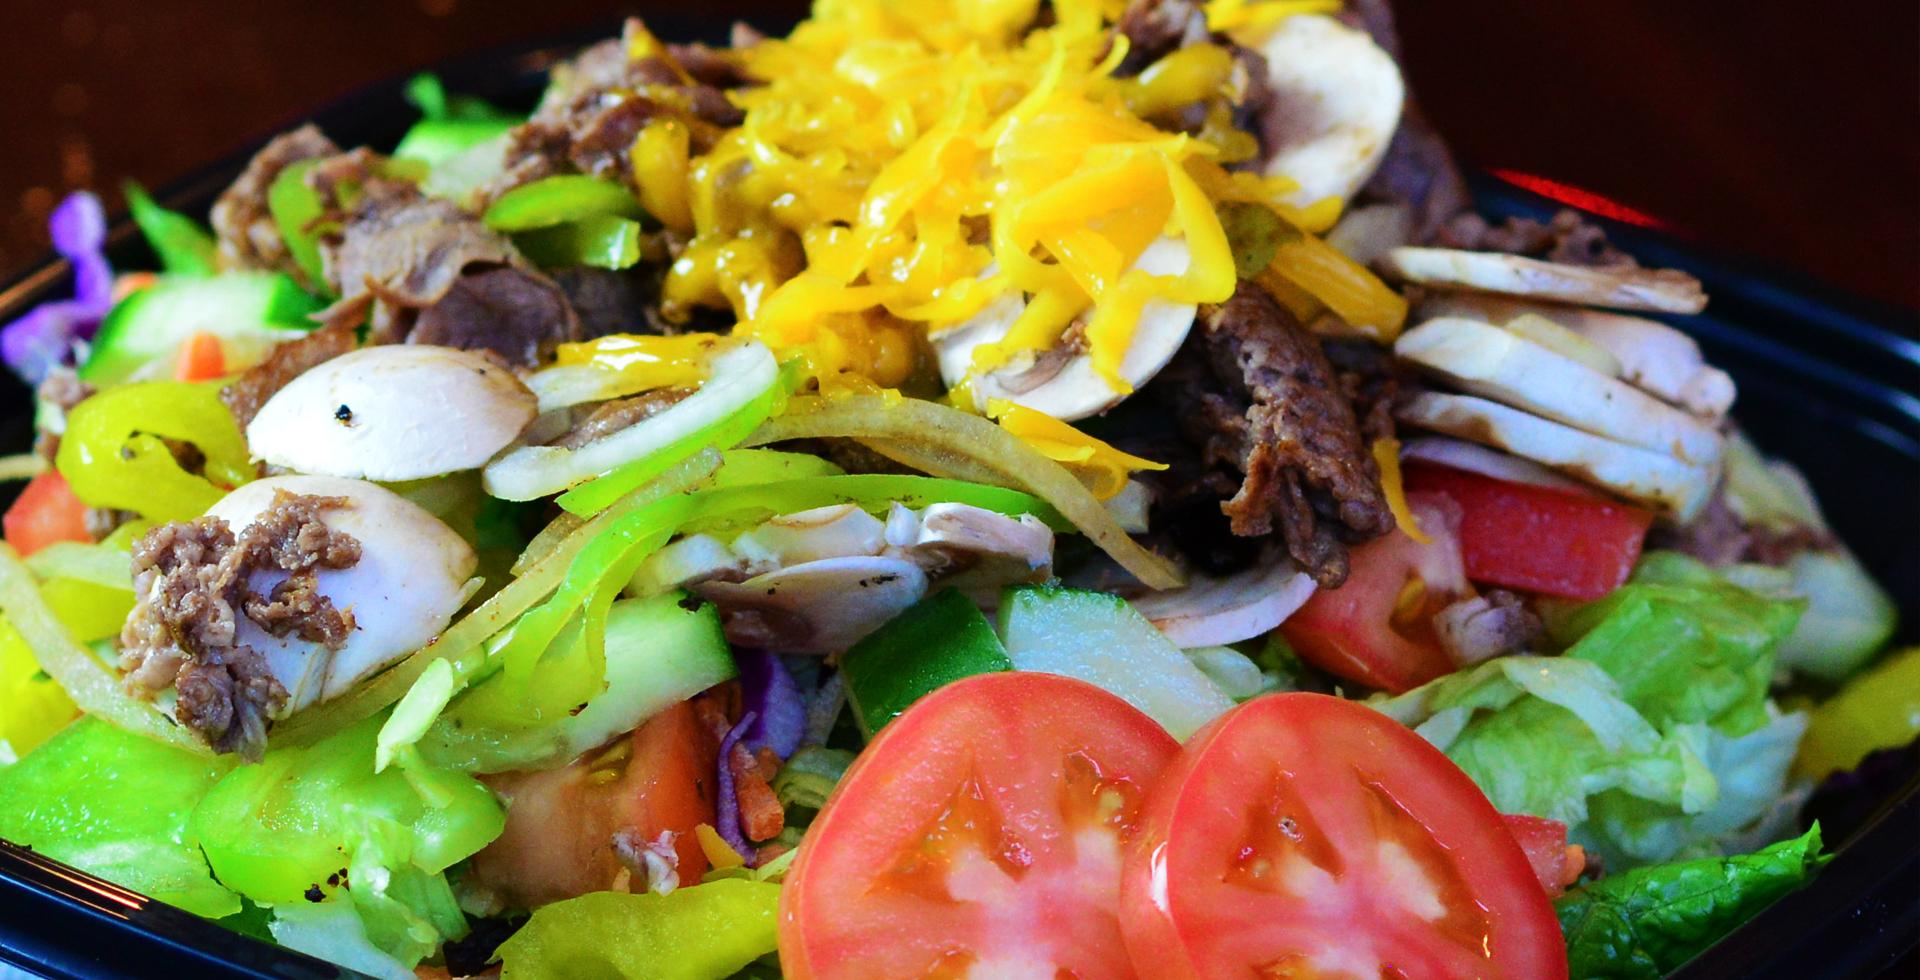 Sizzlin' Salad